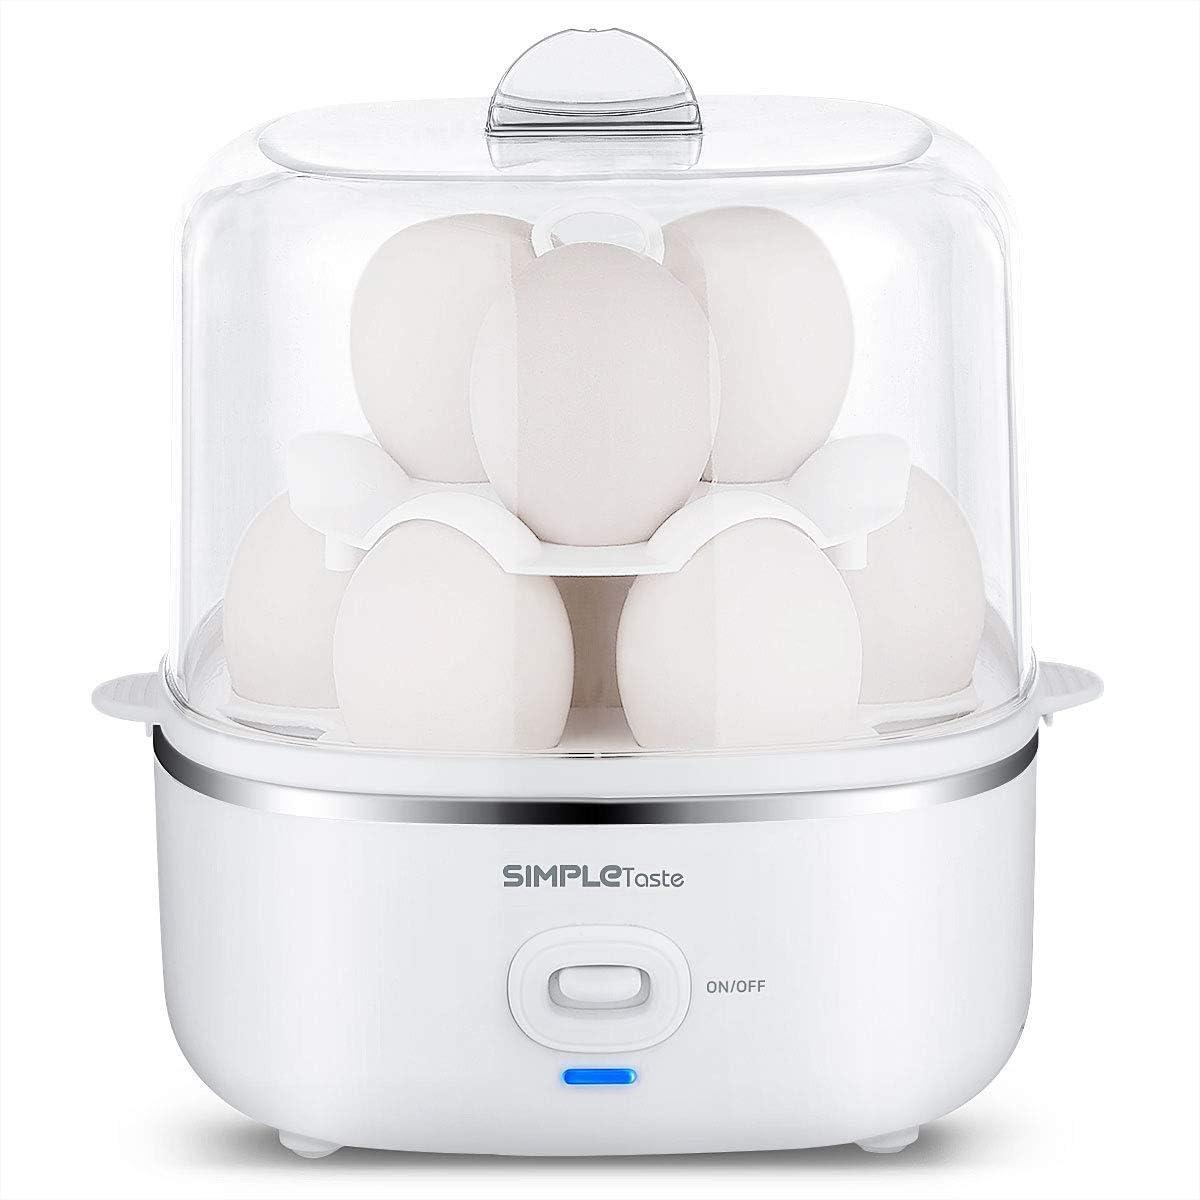 SIMPLETASTE Cocedor de Huevos Eléctrico para Huevos Duros o Blandos, Huevos Escalfados, Tortillas y Alimentos al Vapor con Función de Apagado Automático y 2 Niveles con Capacidad de 10 Huevos